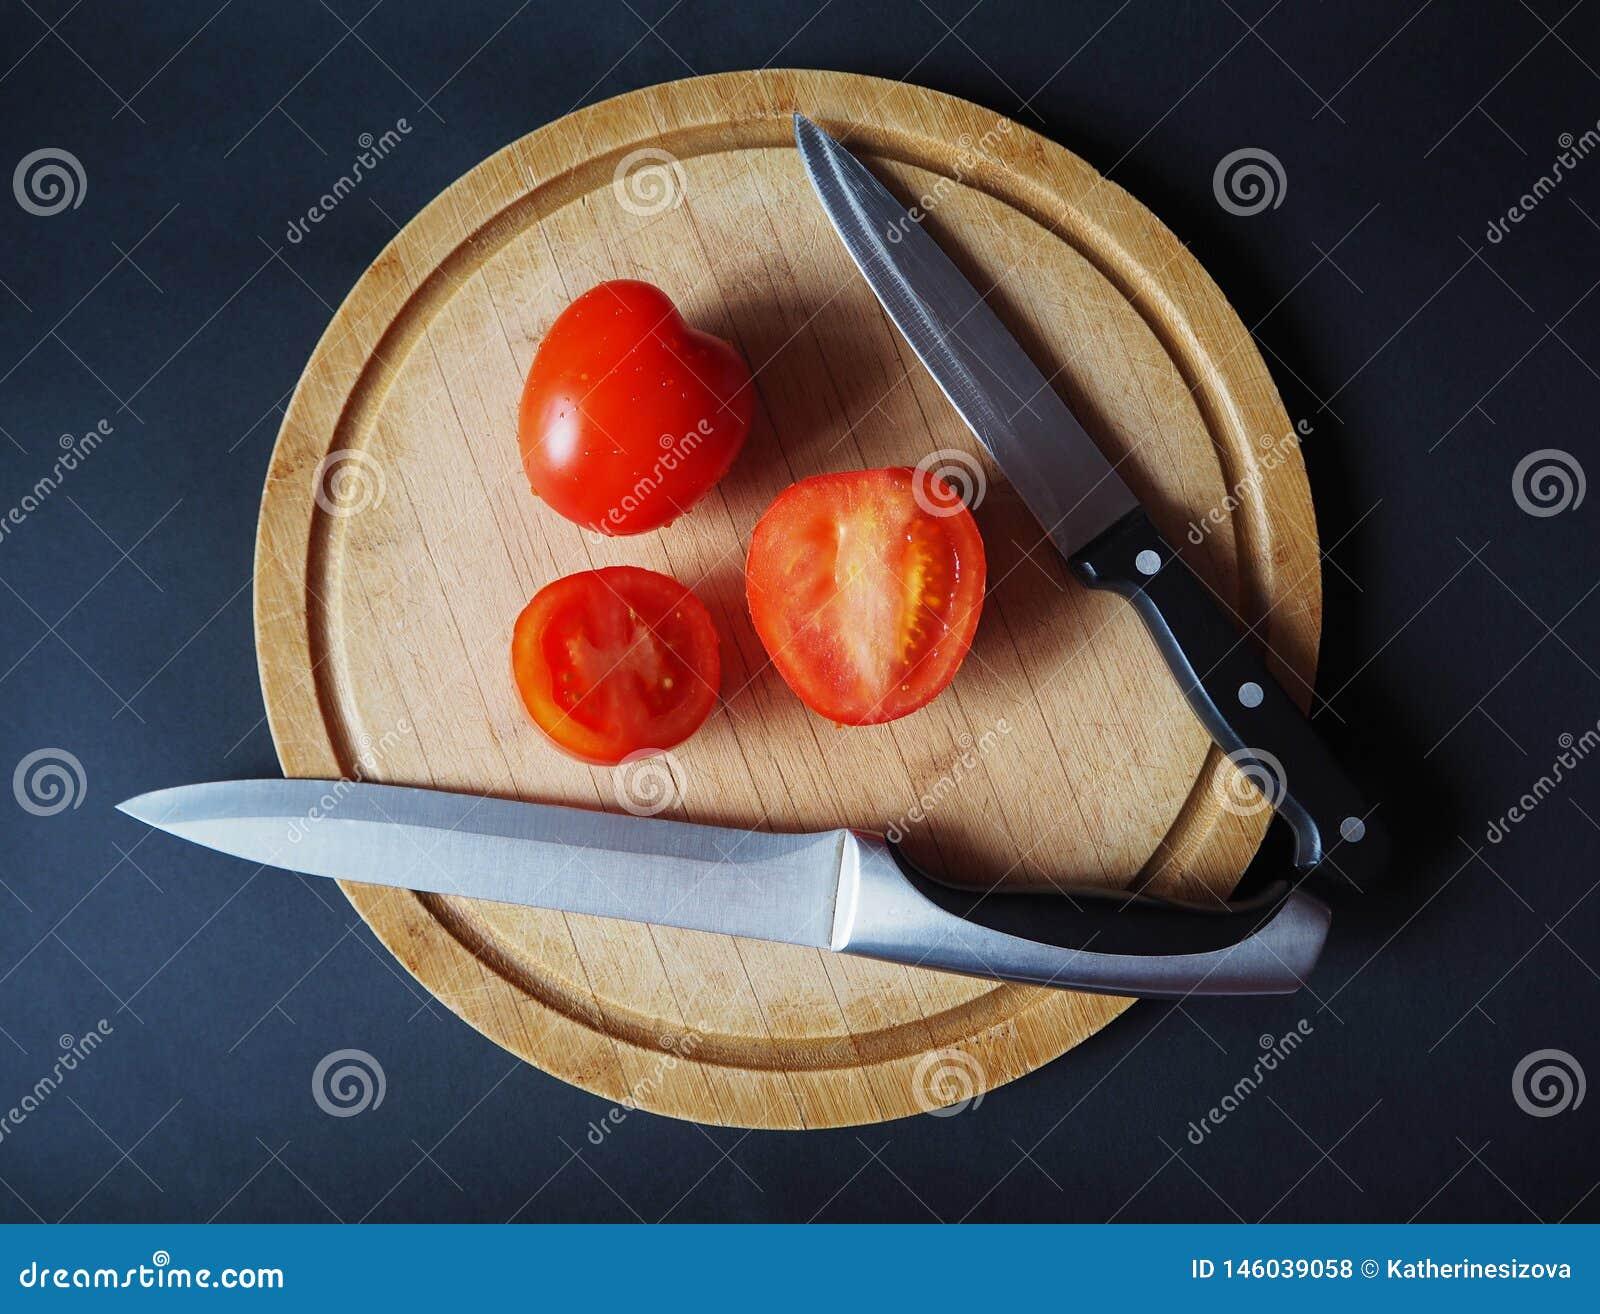 Ντομάτες στο στρογγυλό ξύλινο τέμνοντα πίνακα με τη τοπ άποψη δύο μαχαιριών